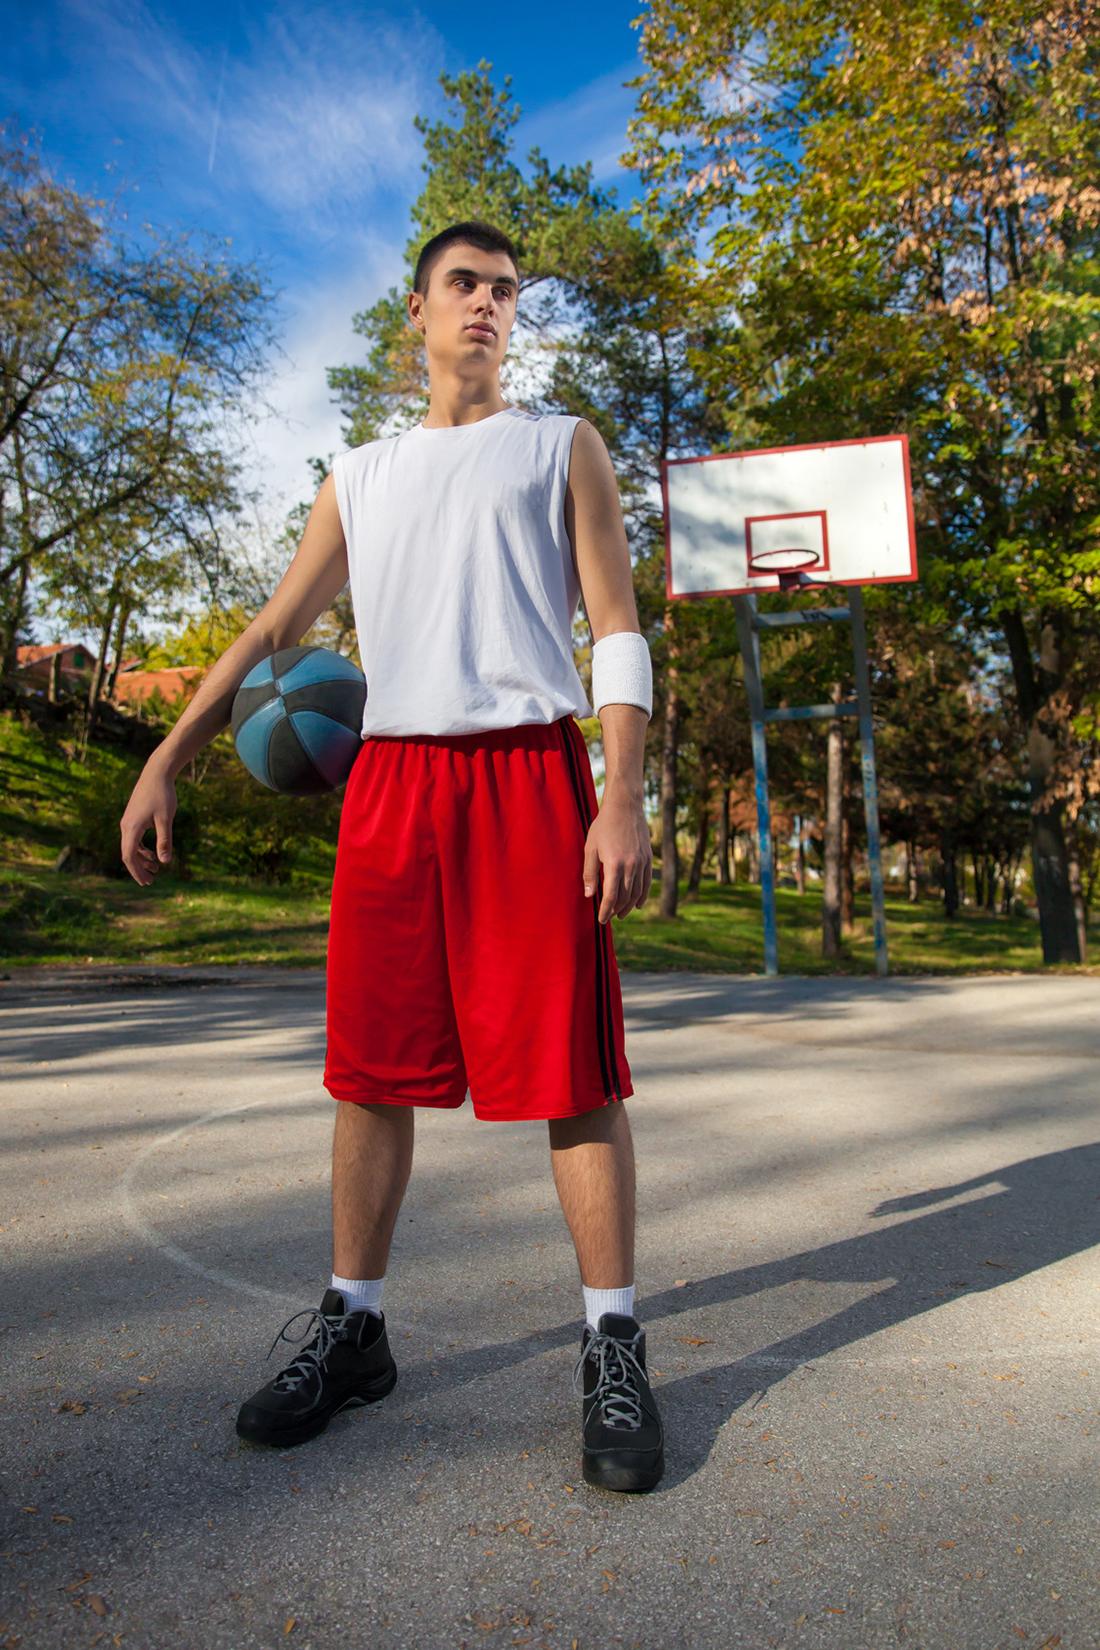 ¿Qué ropa es la indicada para un entrenamiento de basquetbol?